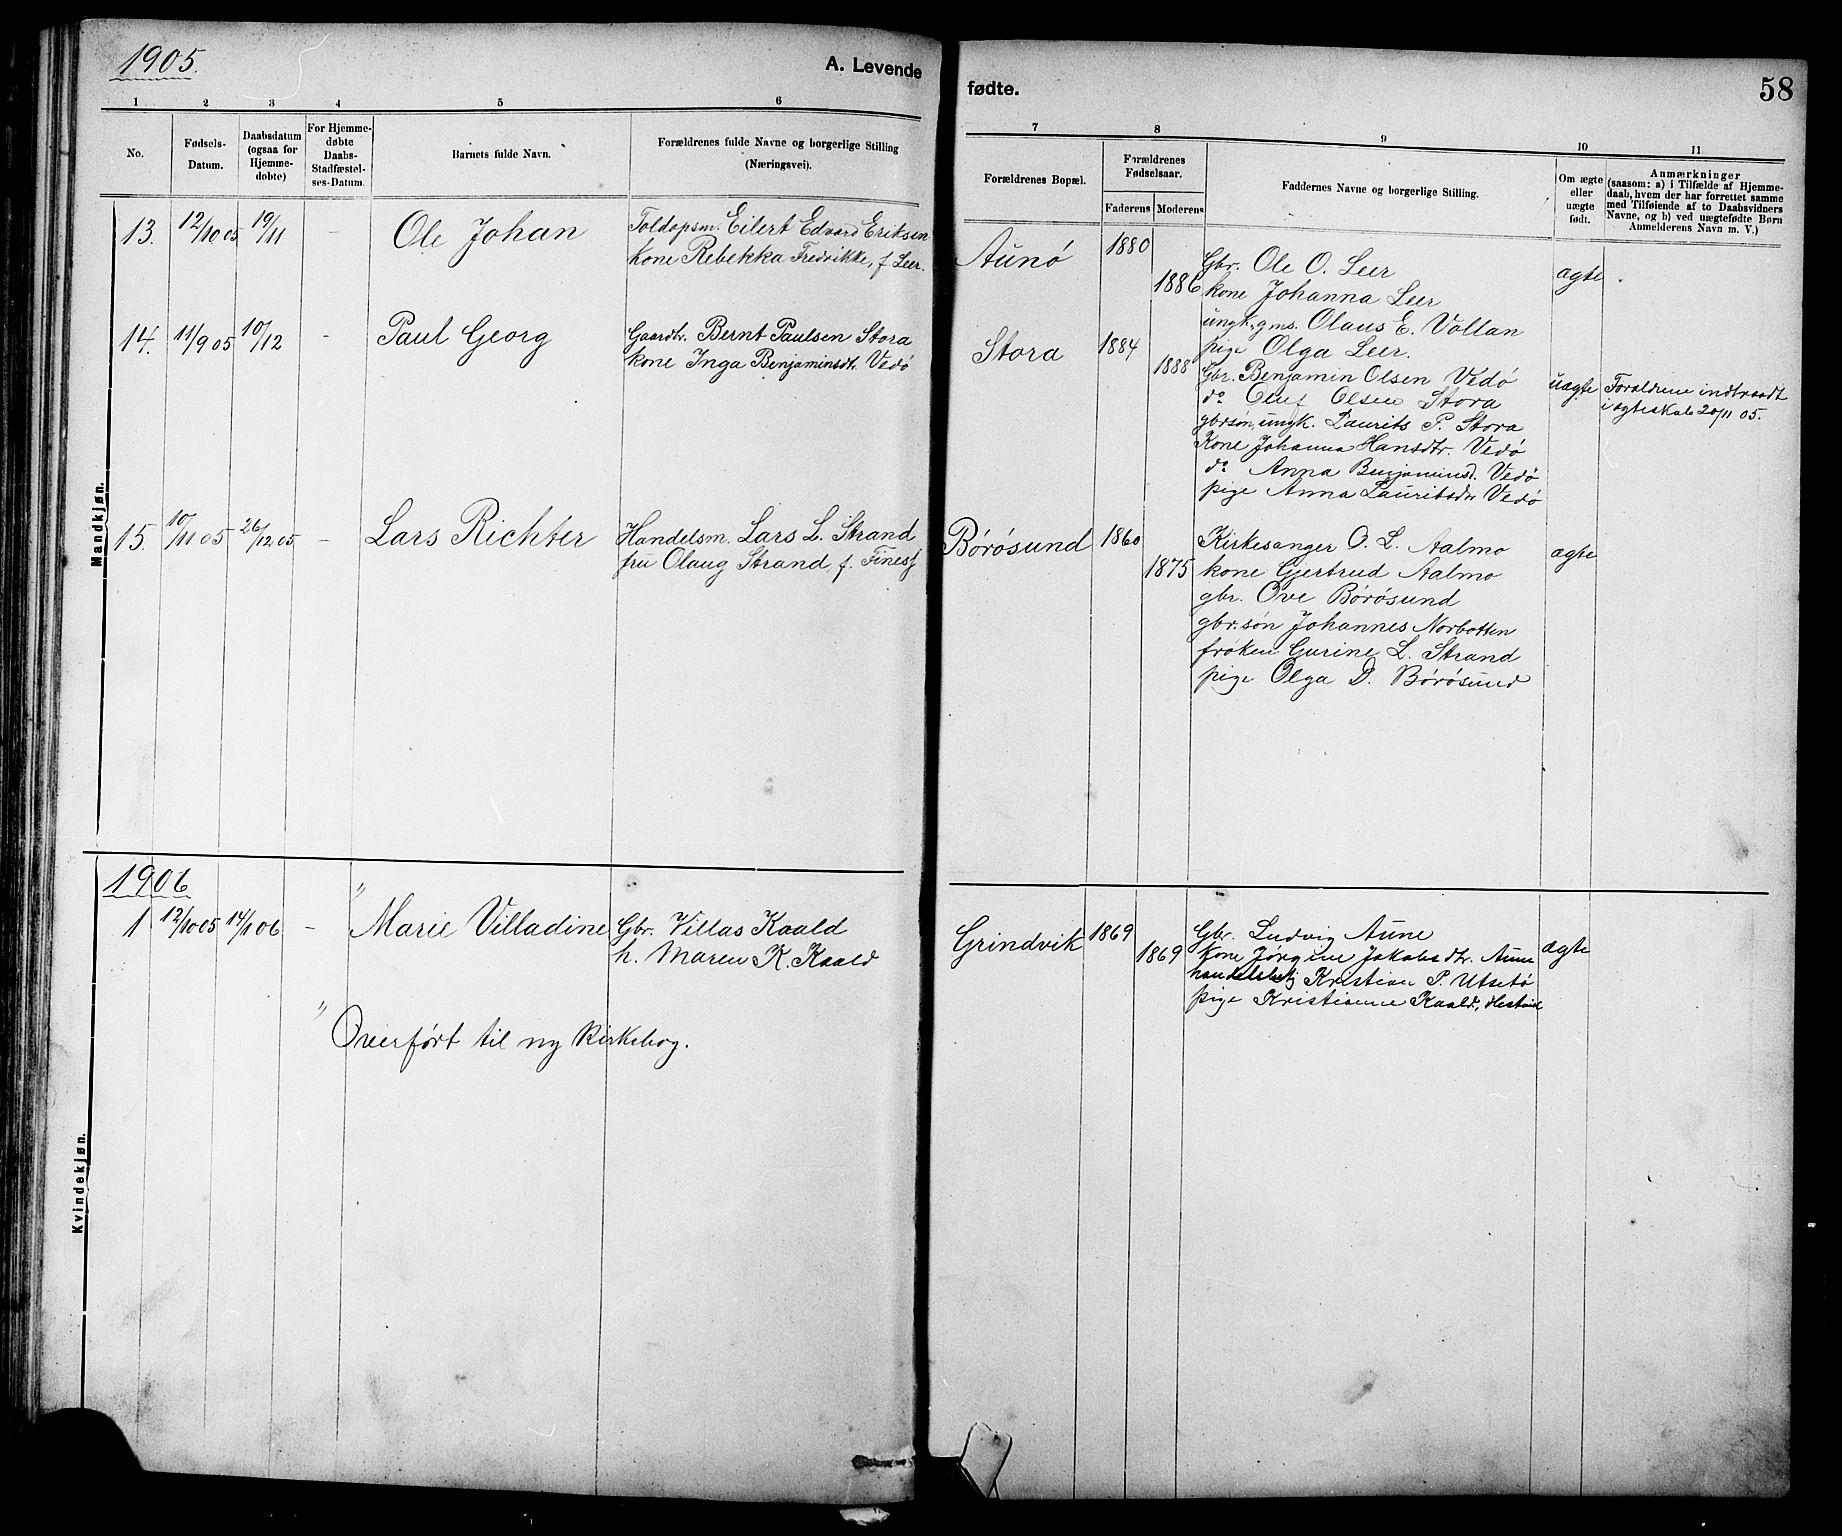 SAT, Ministerialprotokoller, klokkerbøker og fødselsregistre - Sør-Trøndelag, 639/L0573: Klokkerbok nr. 639C01, 1890-1905, s. 58